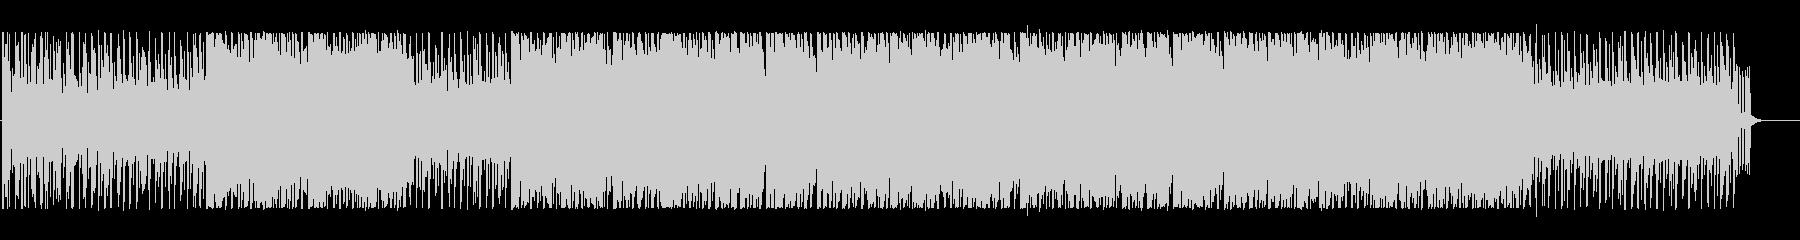 ファンタジックでポップなBGMの未再生の波形